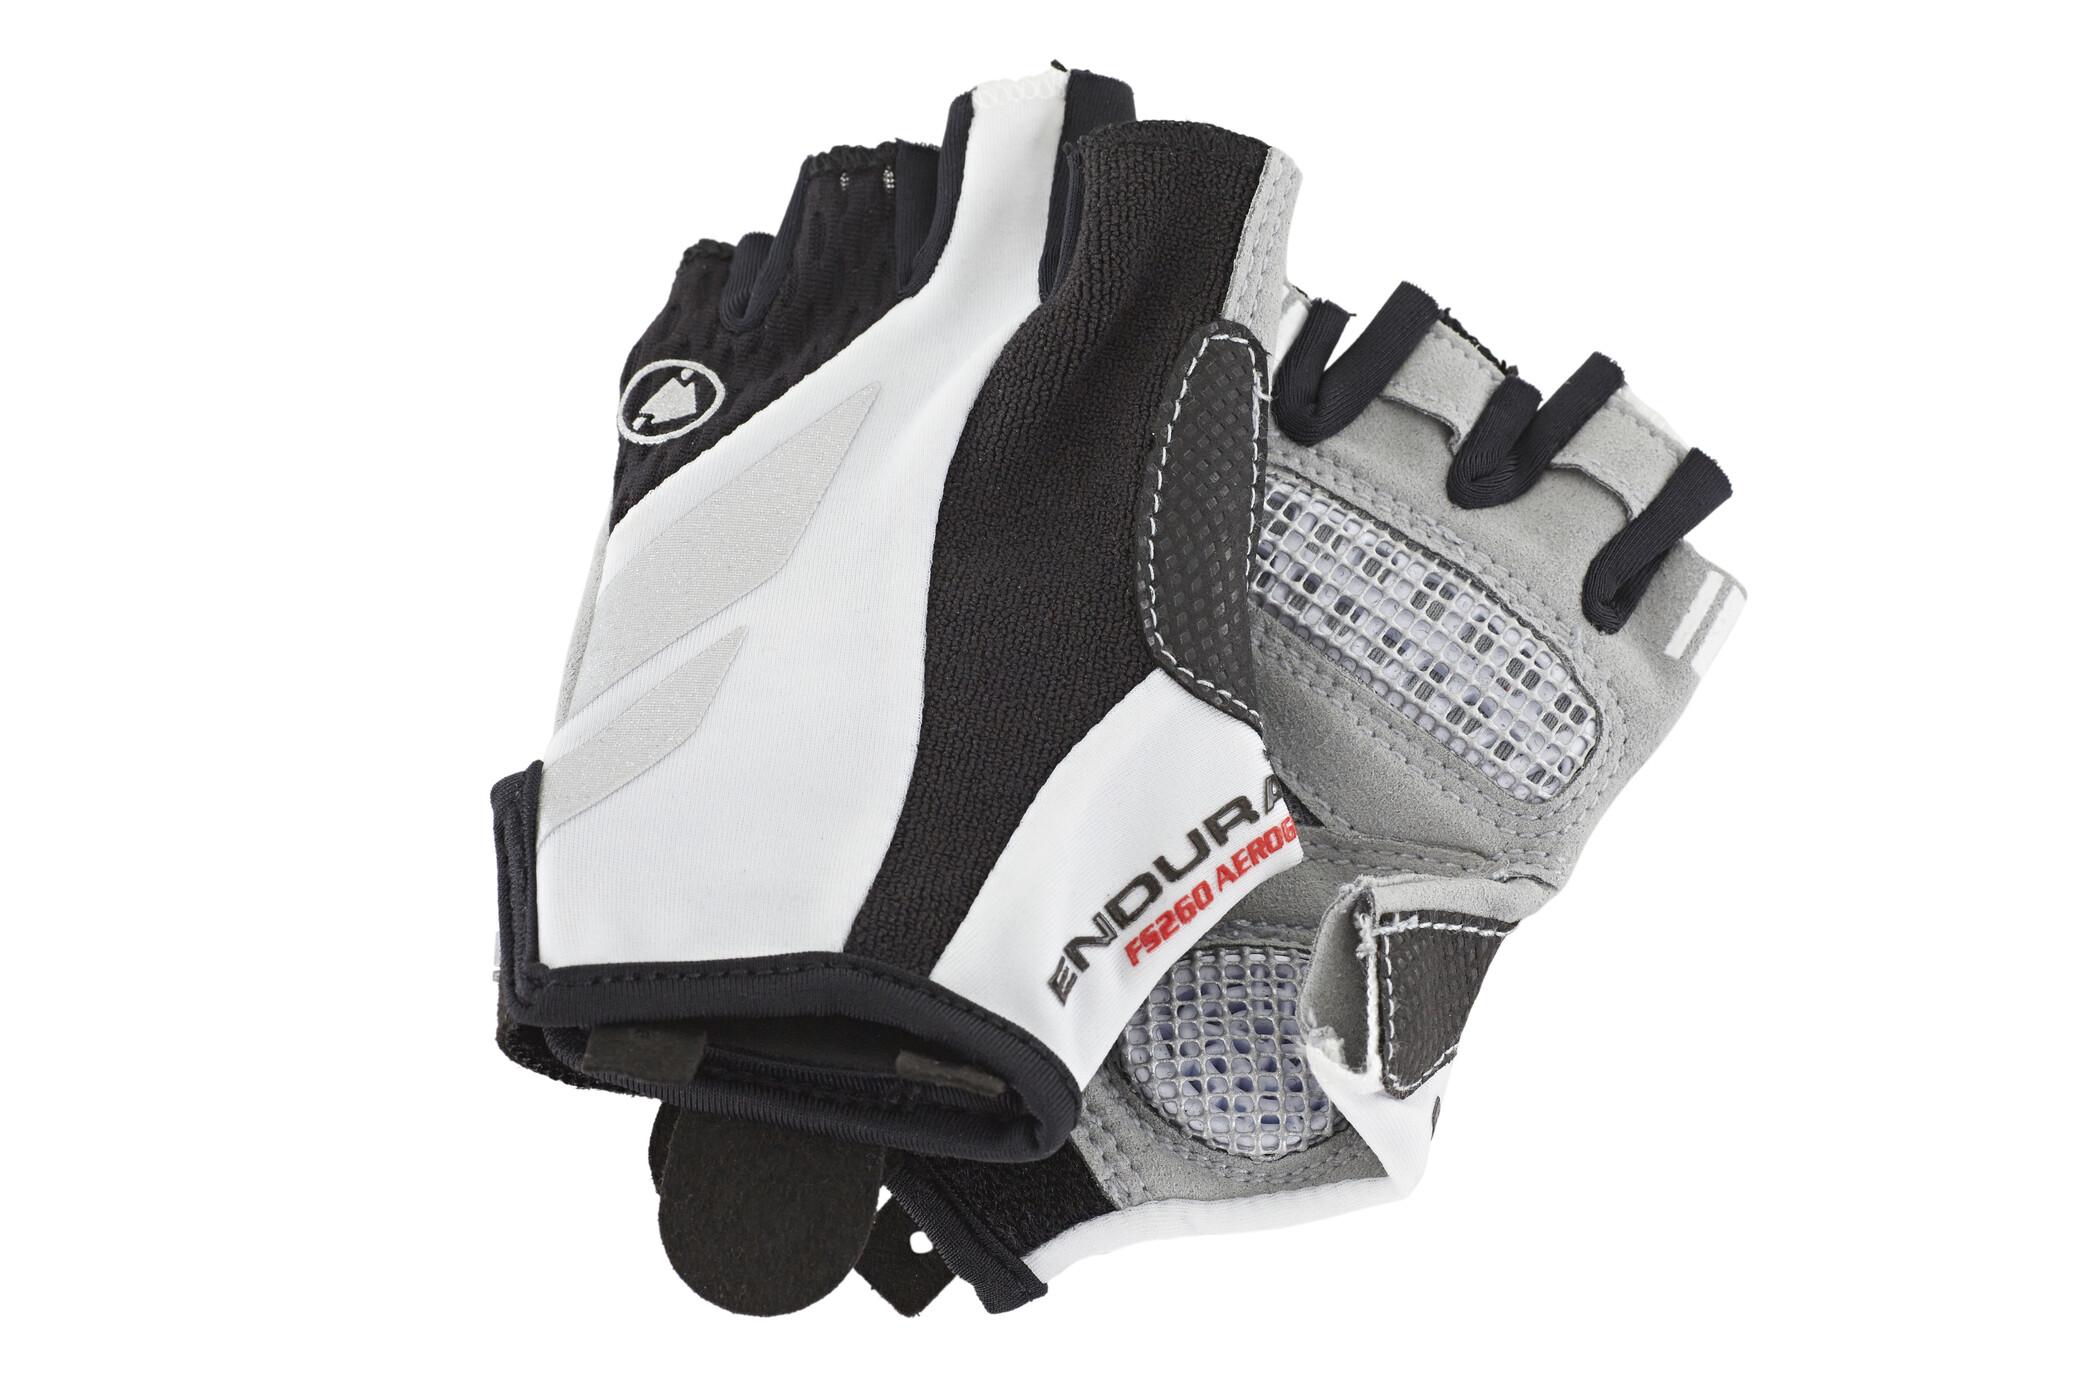 Endura - FS260-Pro   bike glove